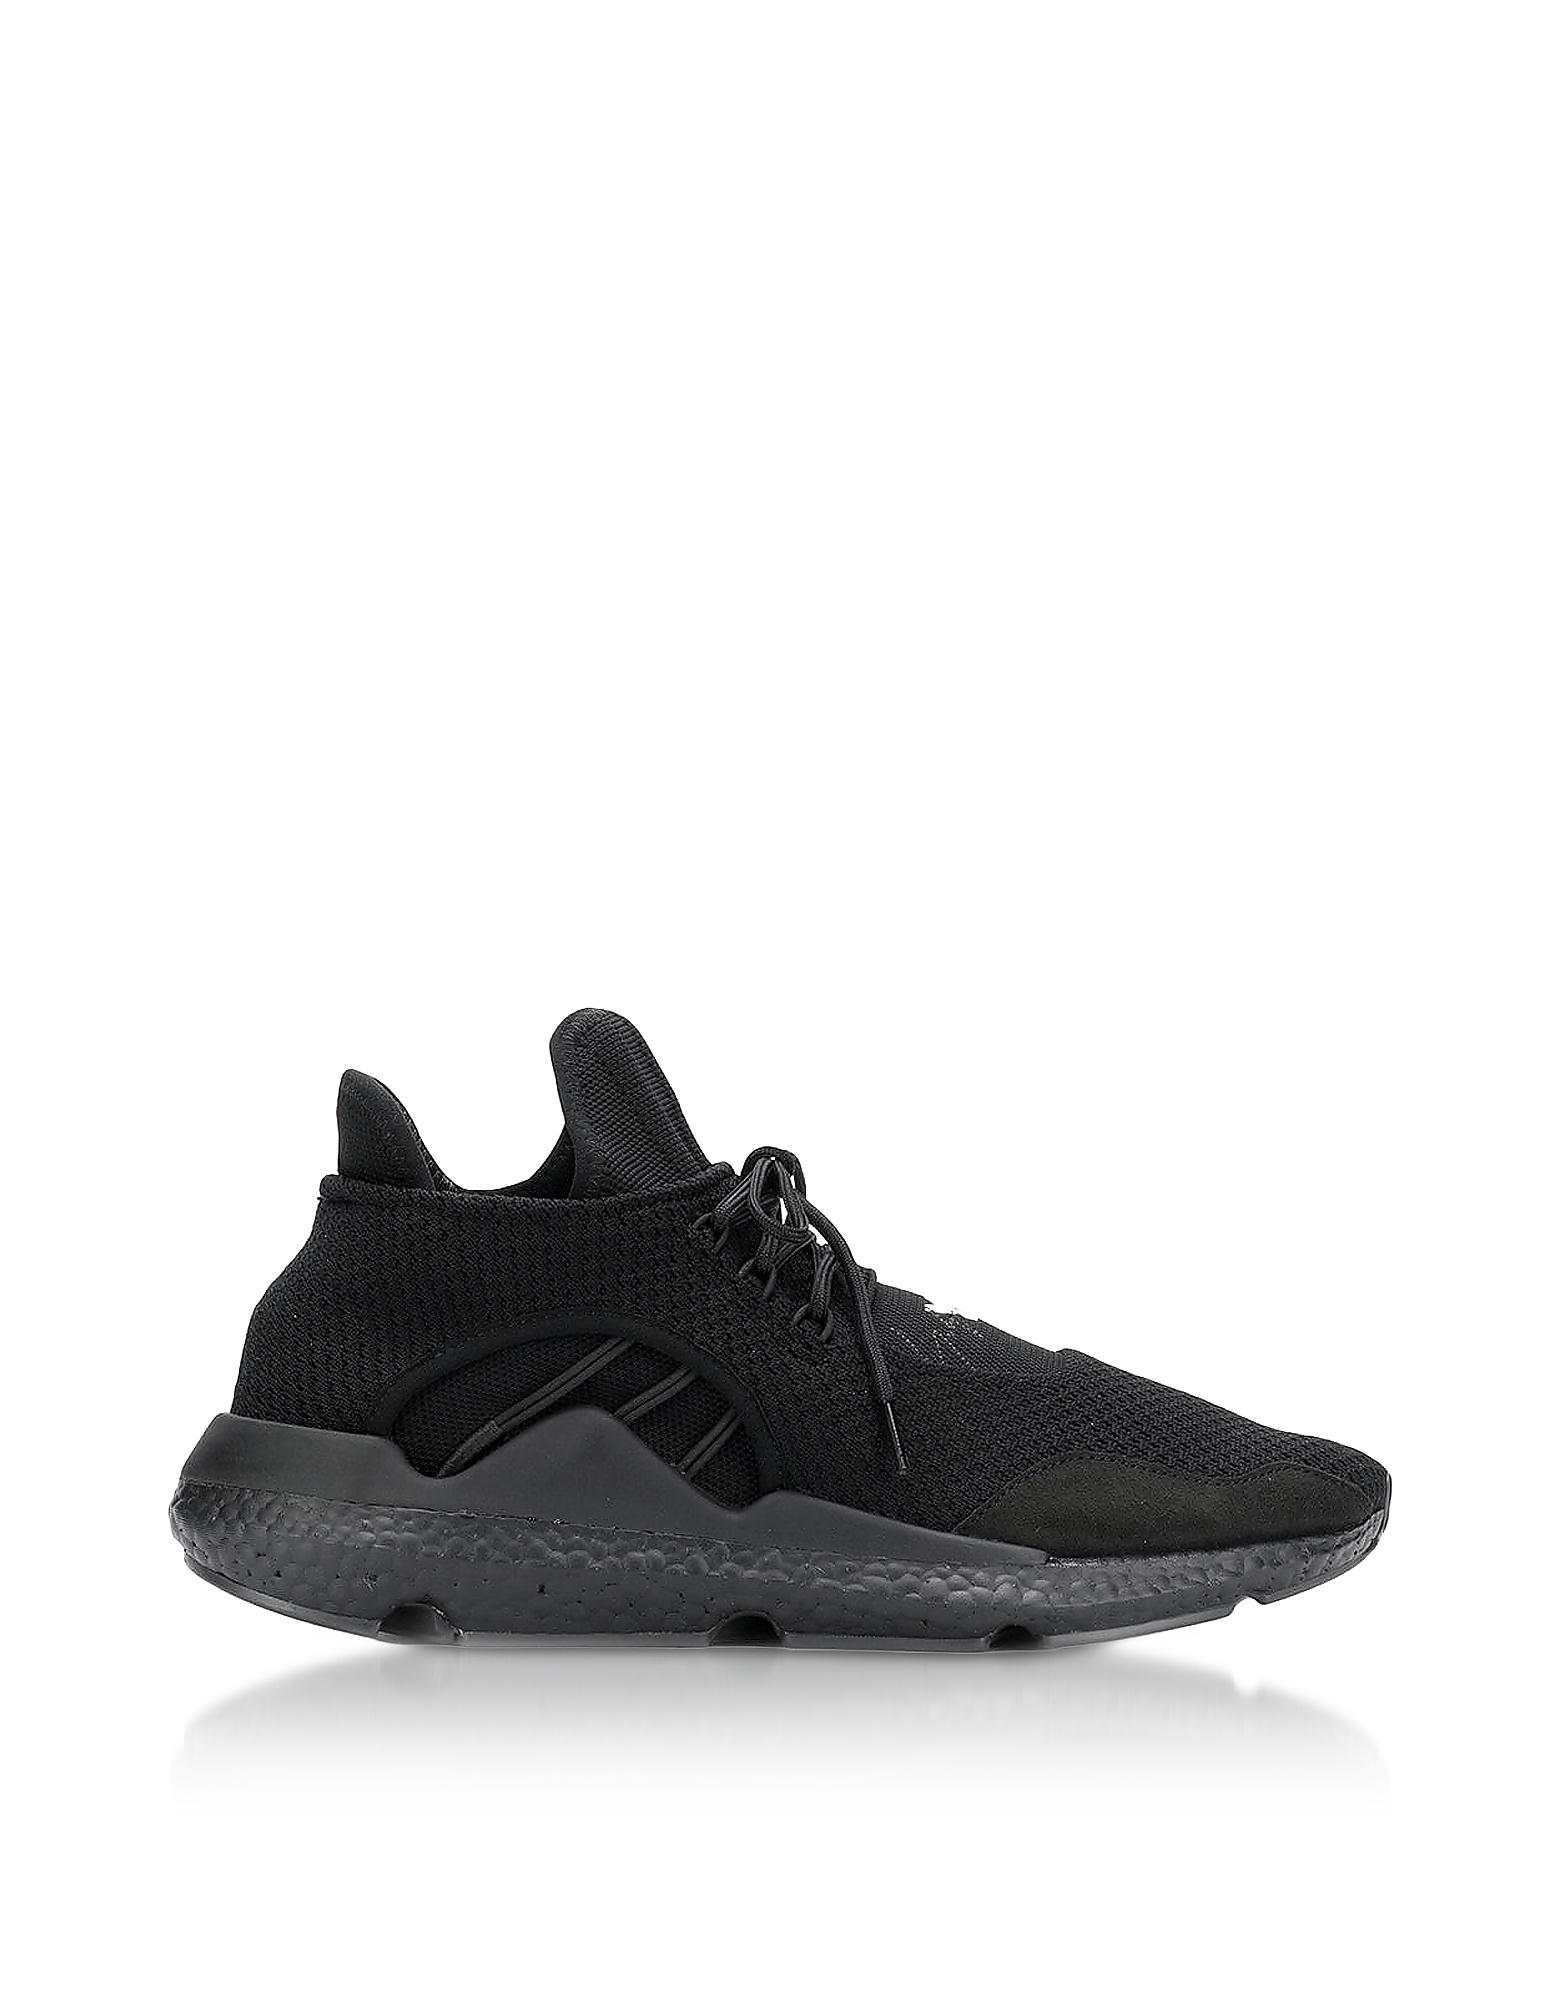 Y-3 Shoes, Black Sayku Men's Sneakers